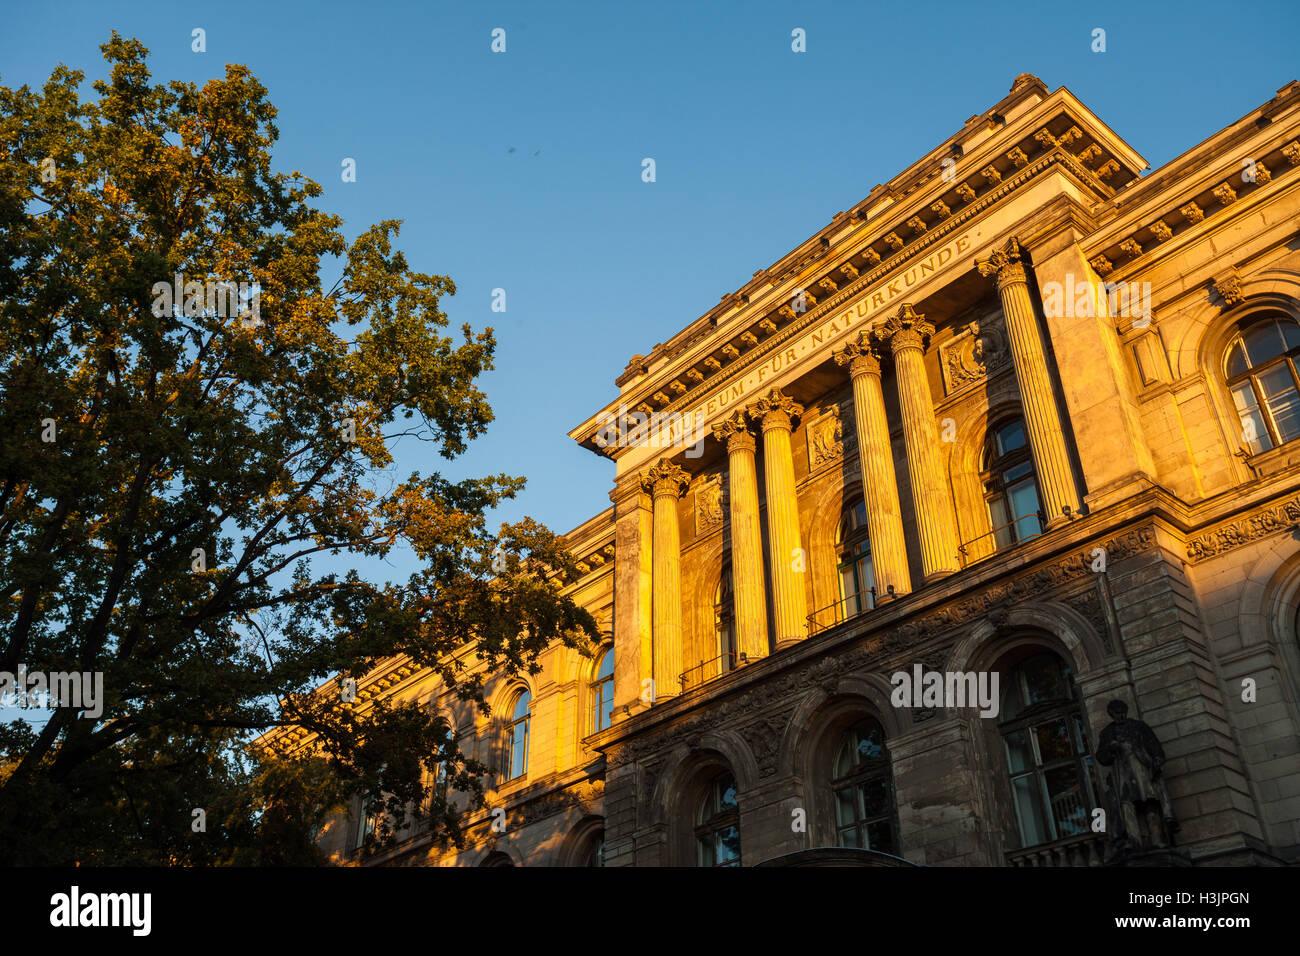 Berlin's Naturkundemuseum (Museum of Natural History) Stock Photo